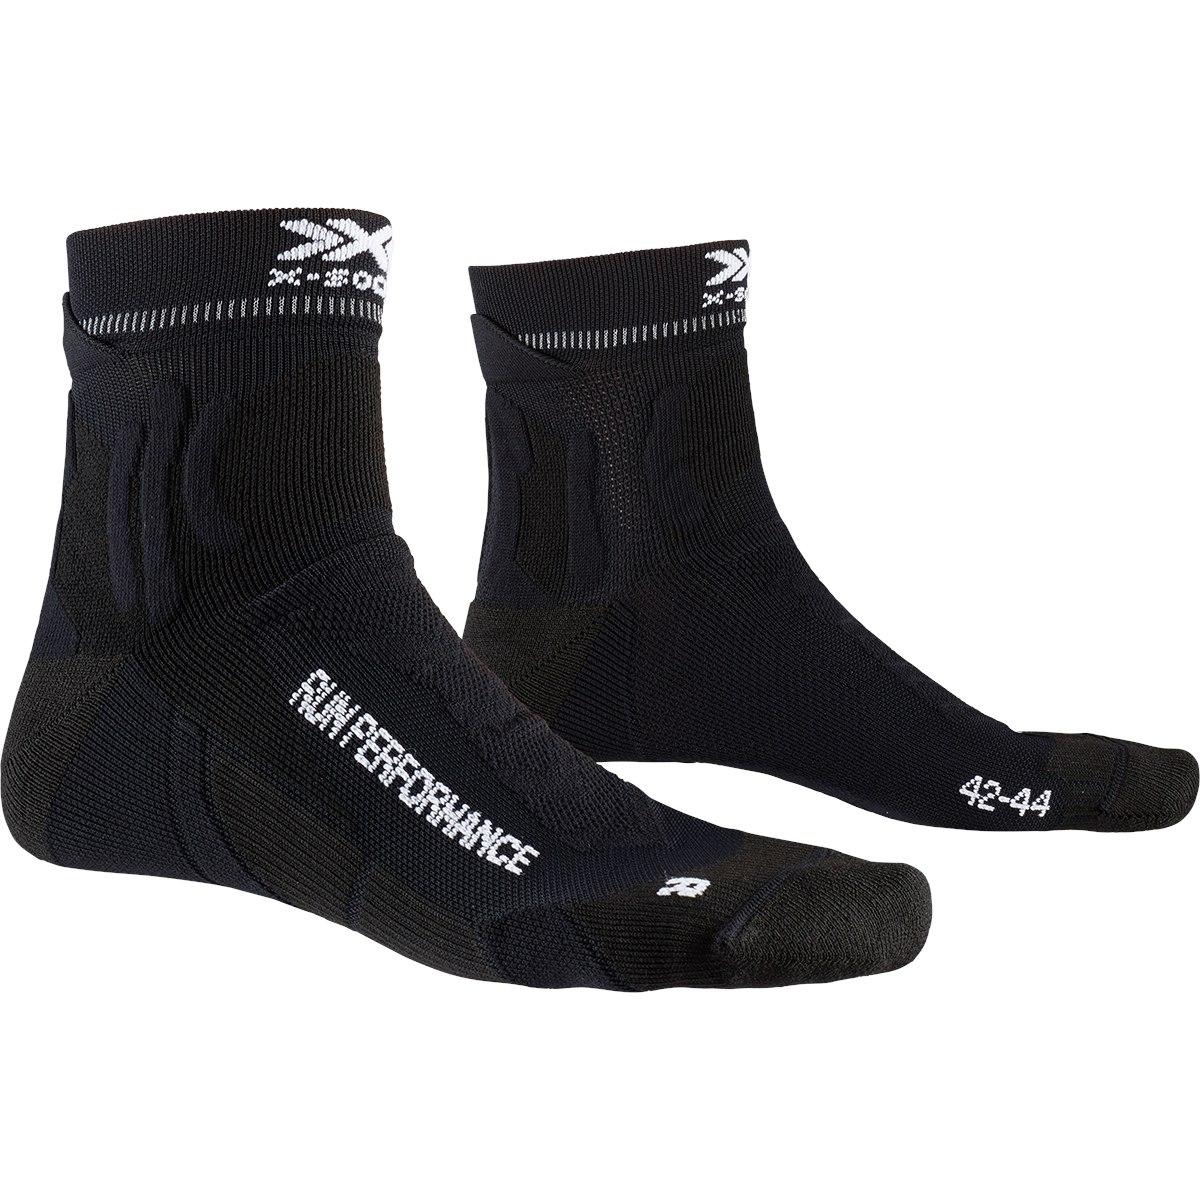 Bild von X-Socks Run Performance Laufsocken - opal black